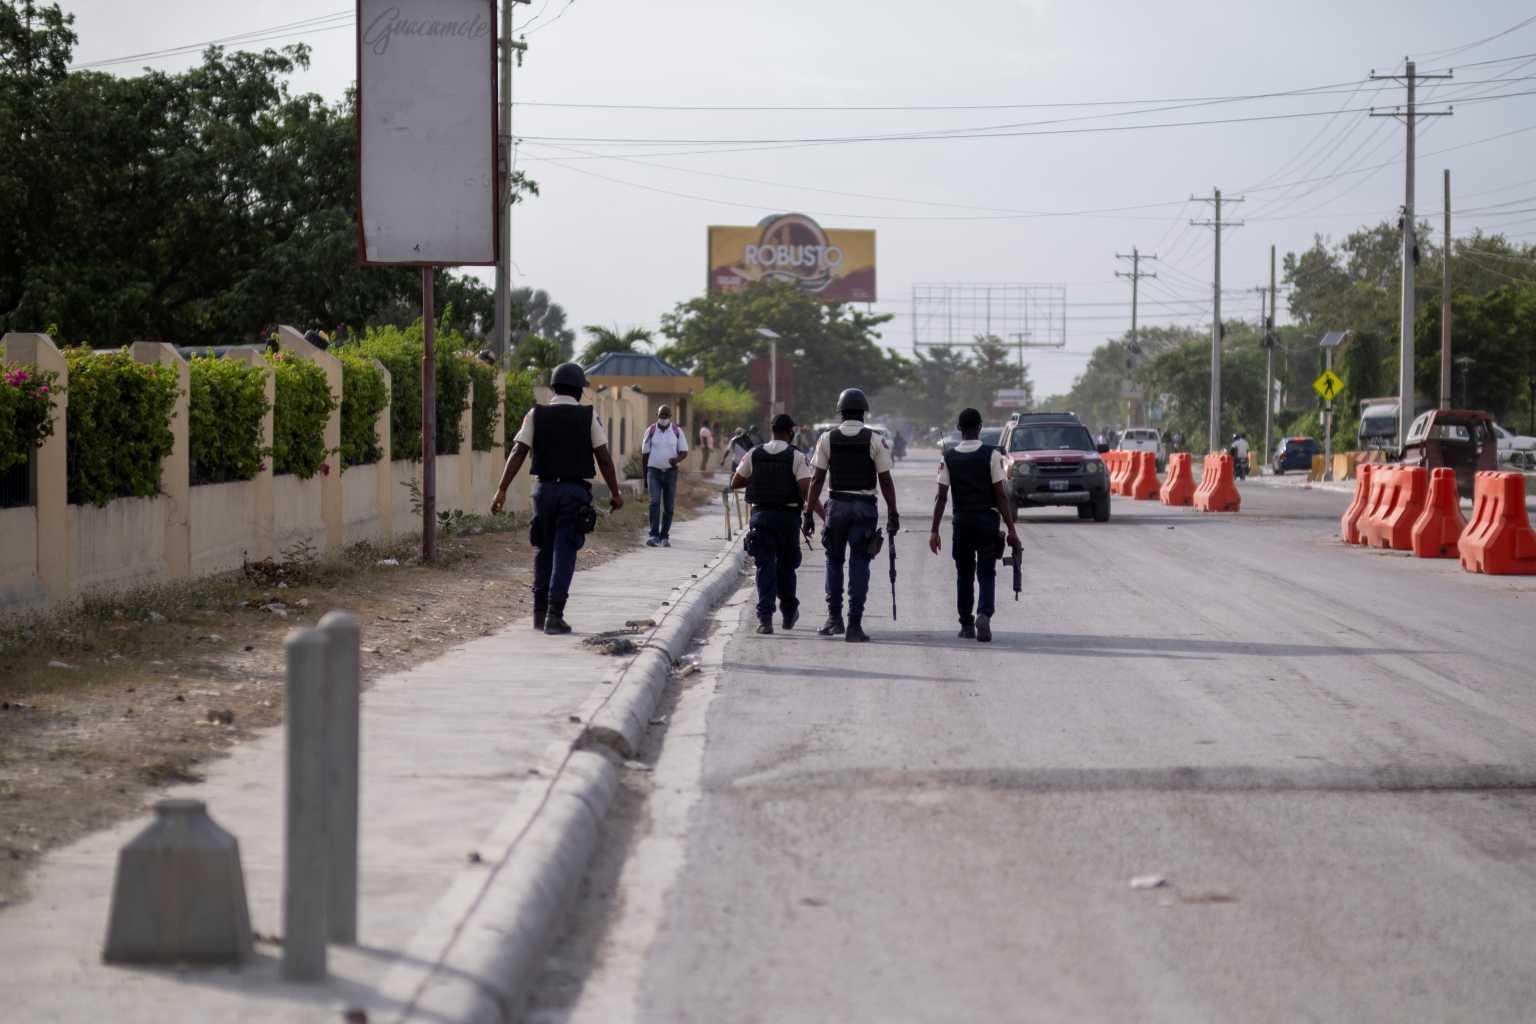 Η Αϊτή ζητάει στρατό από ΗΠΑ και ΟΗΕ φοβούμενη δολιοφθορές